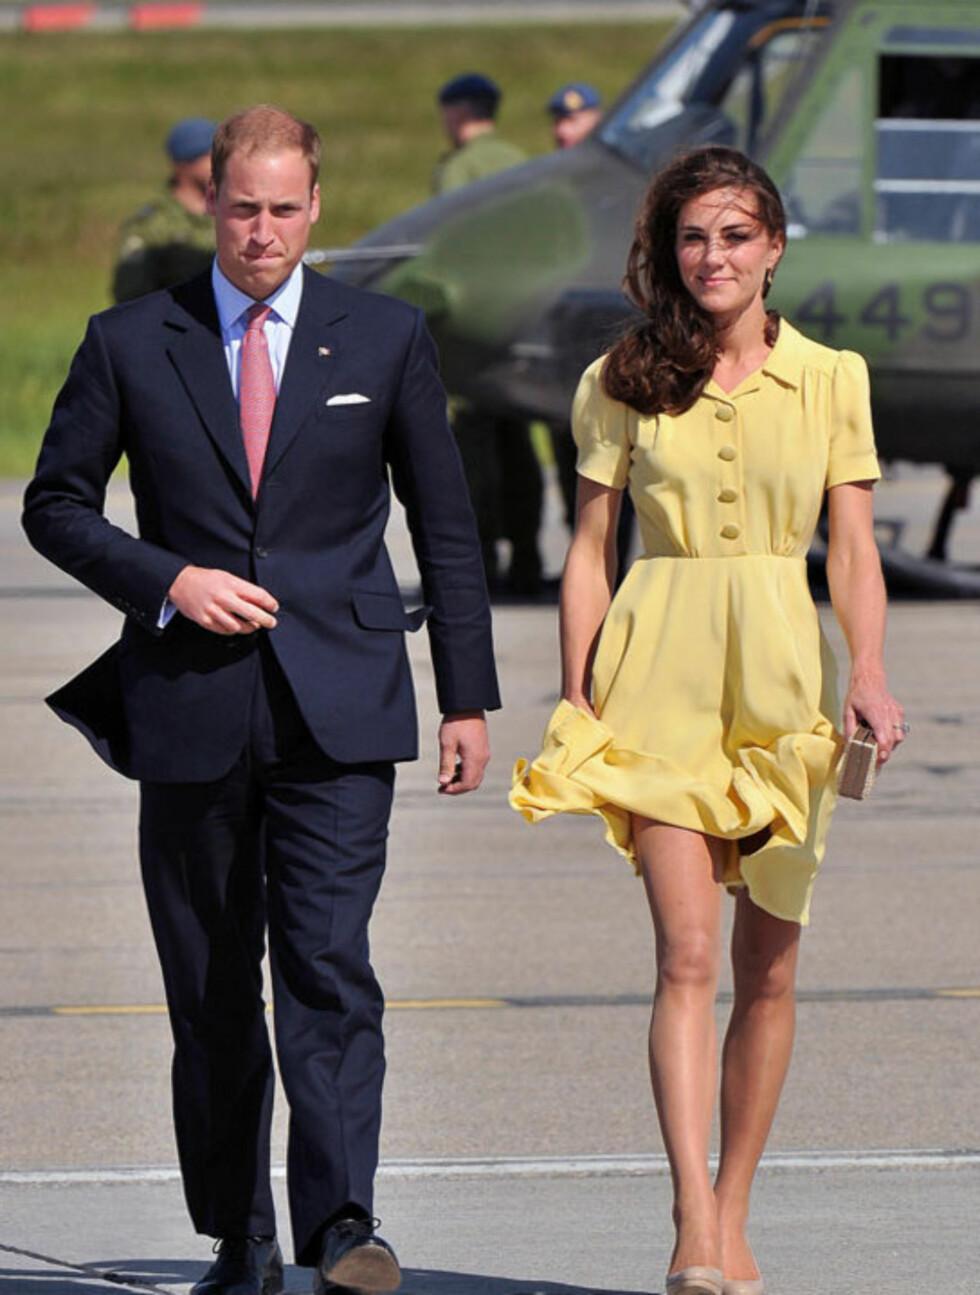 PEN OG PRAKTISK: Ved ankomst i Calgary før helgen var hertuginne Kate (t.h) iført kjole fra kjendisfavoritt Jenny Packman, mens skoene og vesken er fra rimelige L.K. Bennett. Tilbehøret brukte hun flere ganger på Amerika-turen. Prins William var ifør Foto: All Over Press